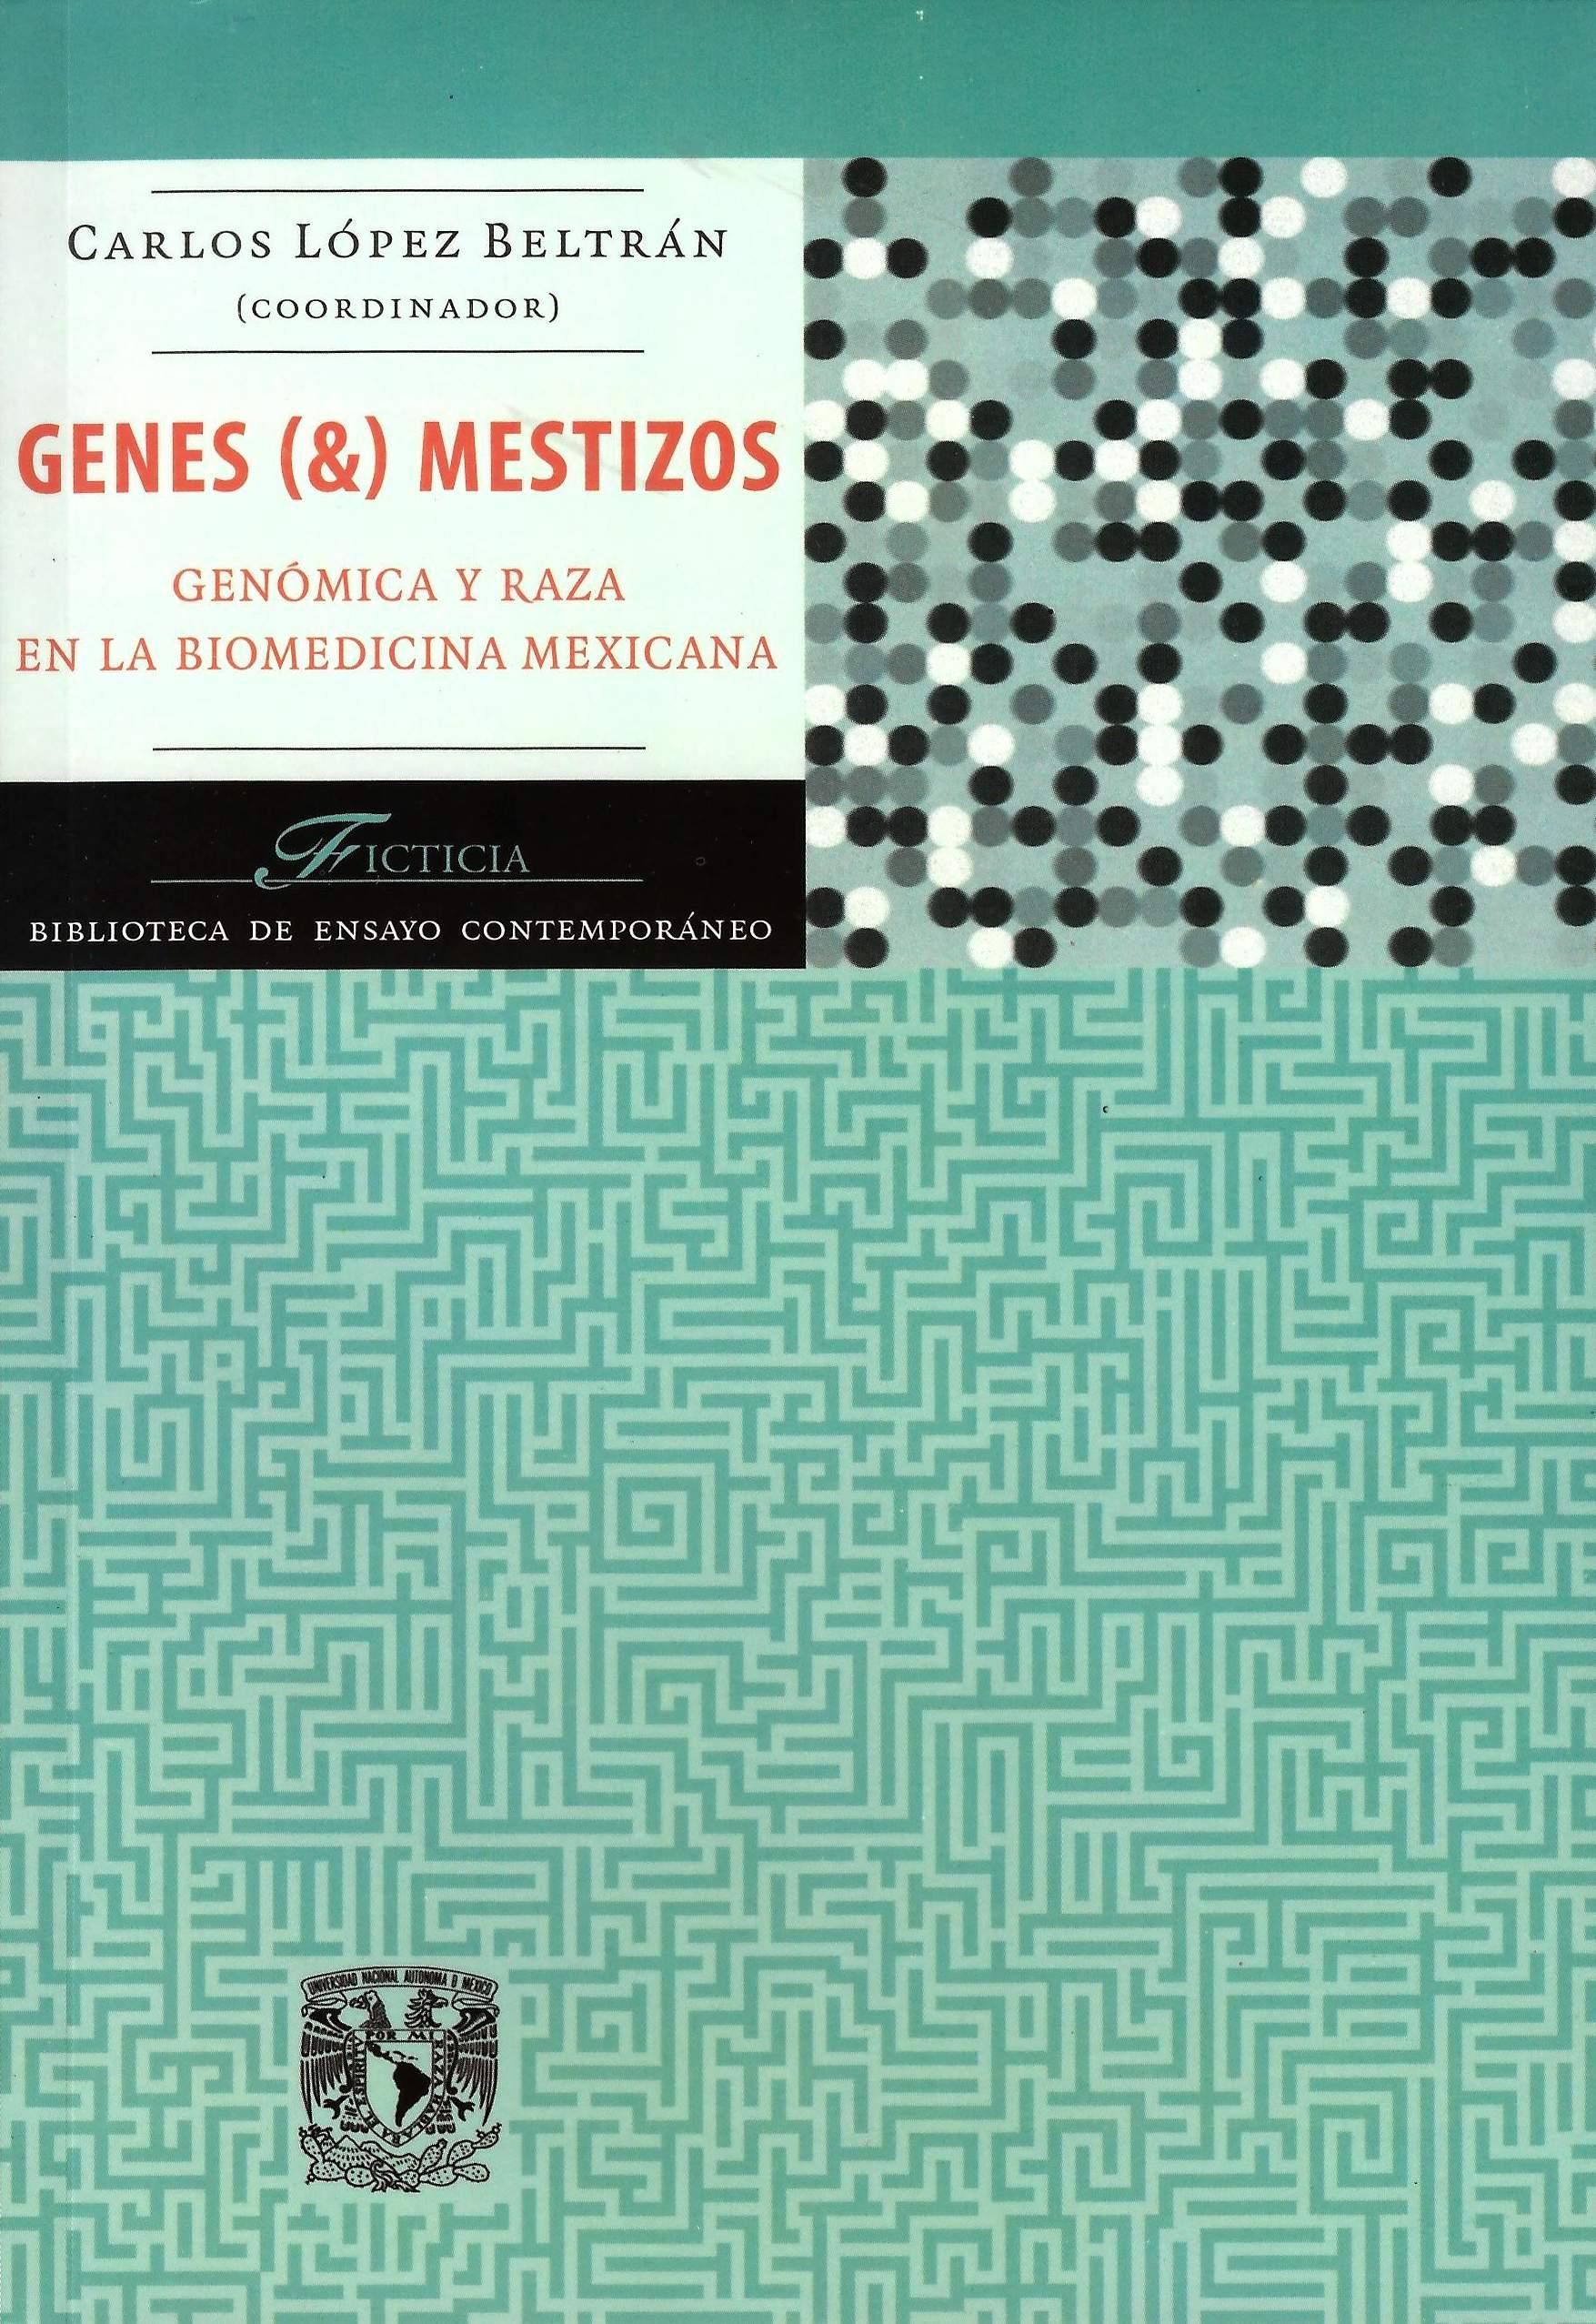 Genes y mestizos. Genómica y raza en la biomedicina mexicana